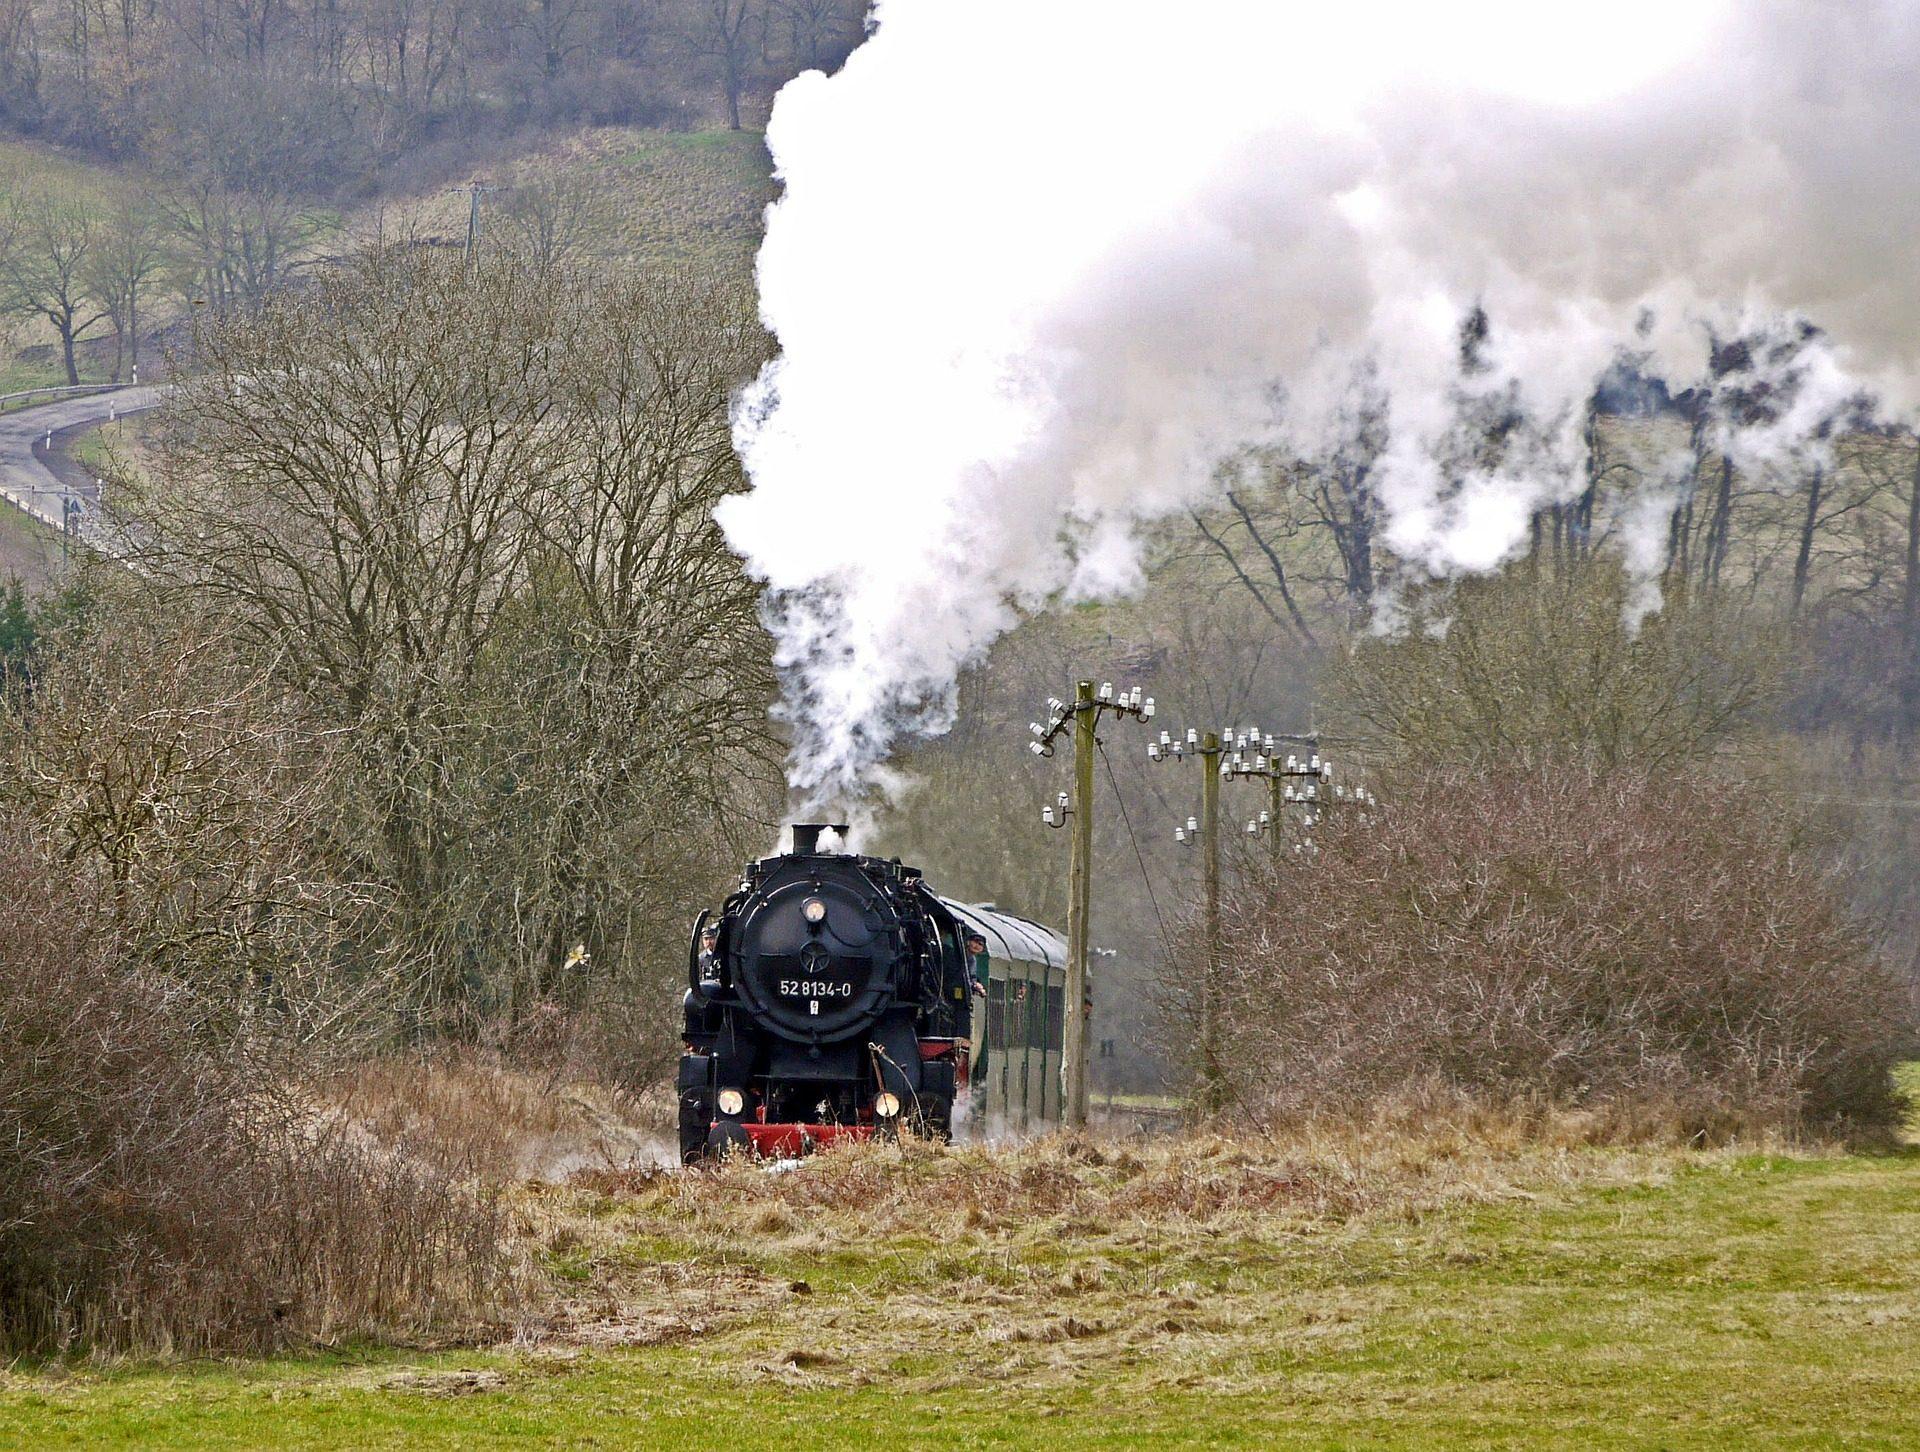 火车, 蒸汽, 机车, 吸烟, 字段 - 高清壁纸 - 教授-falken.com